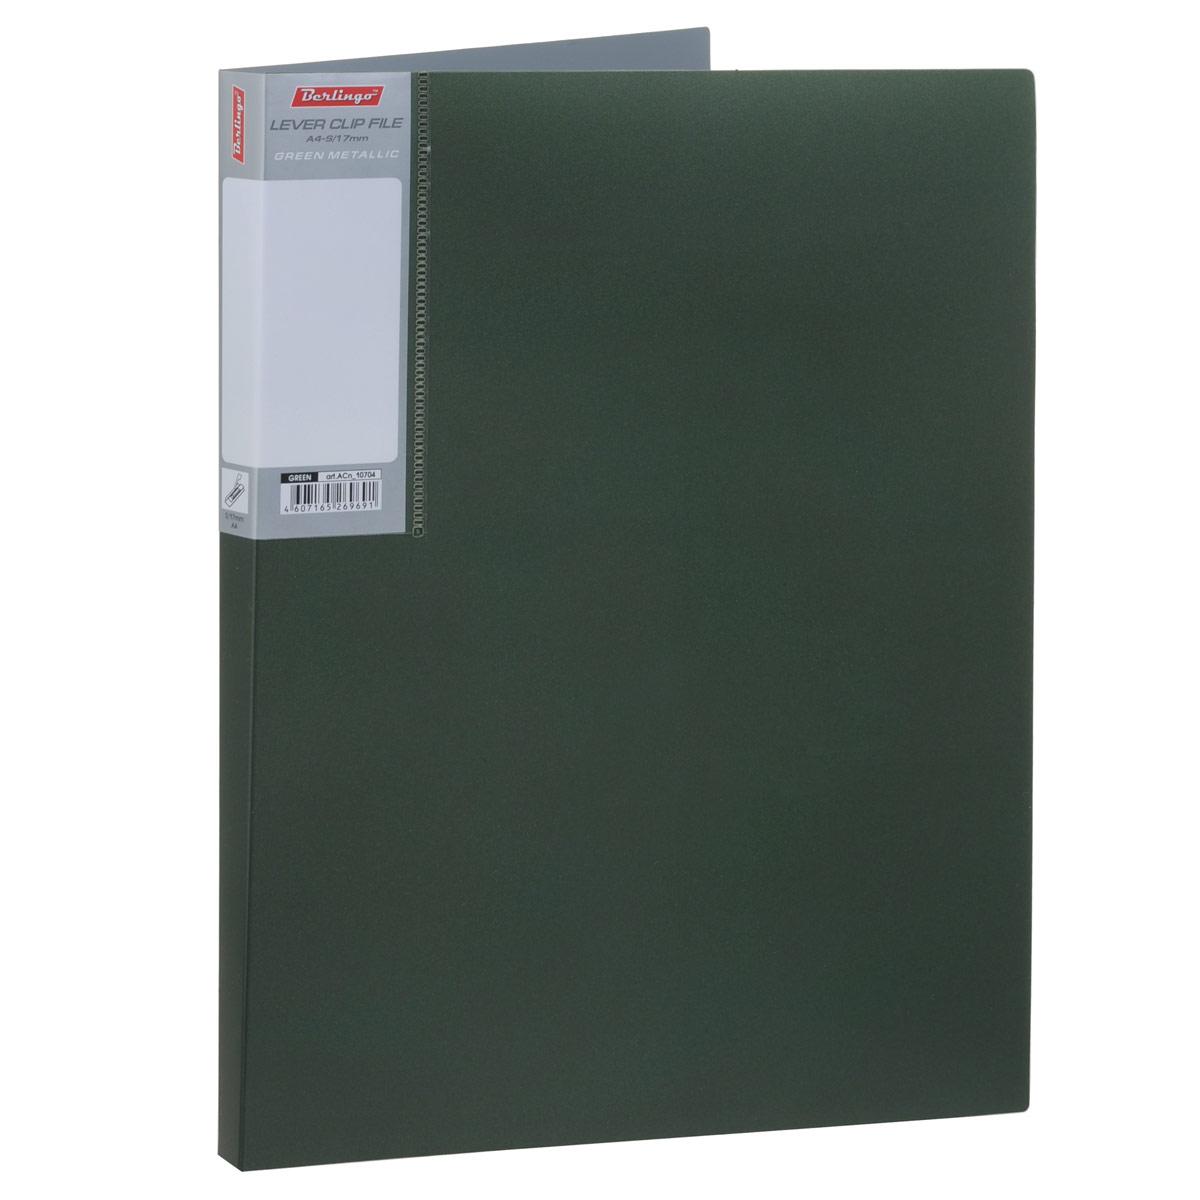 Berlingo Папка с боковым зажимом Metallic цвет темно-зеленыйACn_10704Папка Berlingo Metallic - это удобный и практичный офисный инструмент, предназначенный для бережного хранения и транспортировки без перфорации рабочих бумаг и документов формата А4. Папка изготовлена из плотного пластика толщиной 0,8 см, оснащена не повреждающим бумагу металлическим прижимным механизмом и внутренним прозрачным кармашком, а также дополнена кармашком на корешке со съемной этикеткой для маркировки. Папка надежно сохранит ваши документы и сбережет их от повреждений, пыли и влаги.